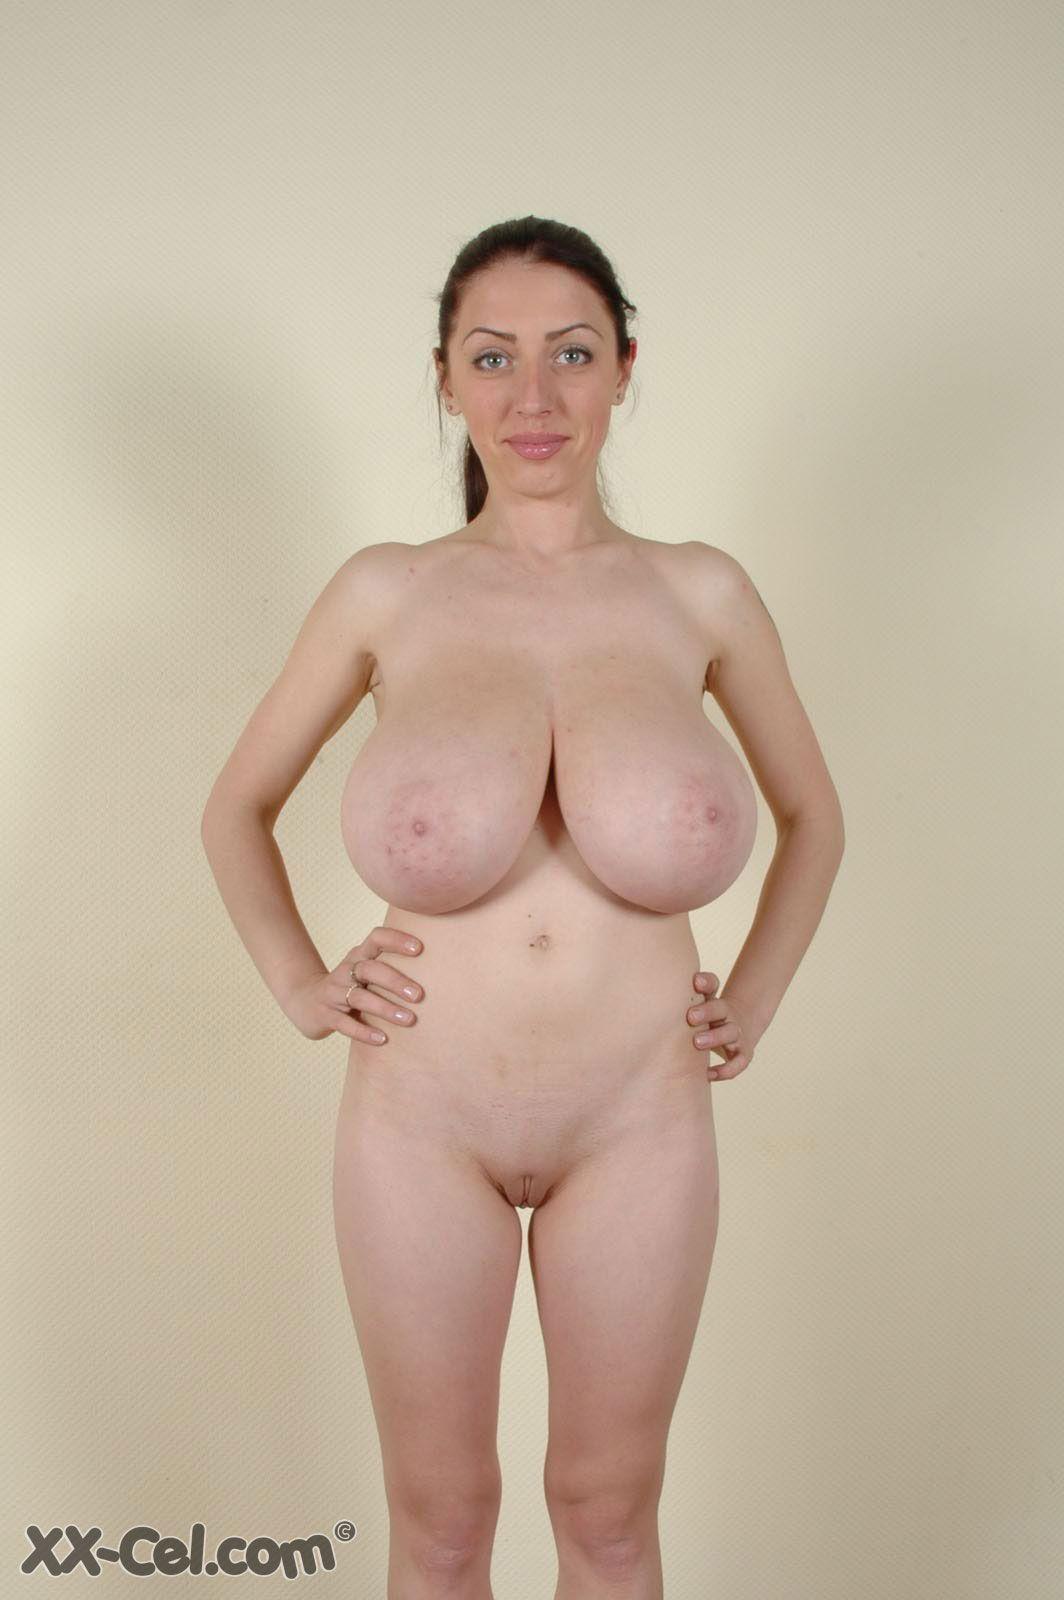 Tits great natural Nice Tits